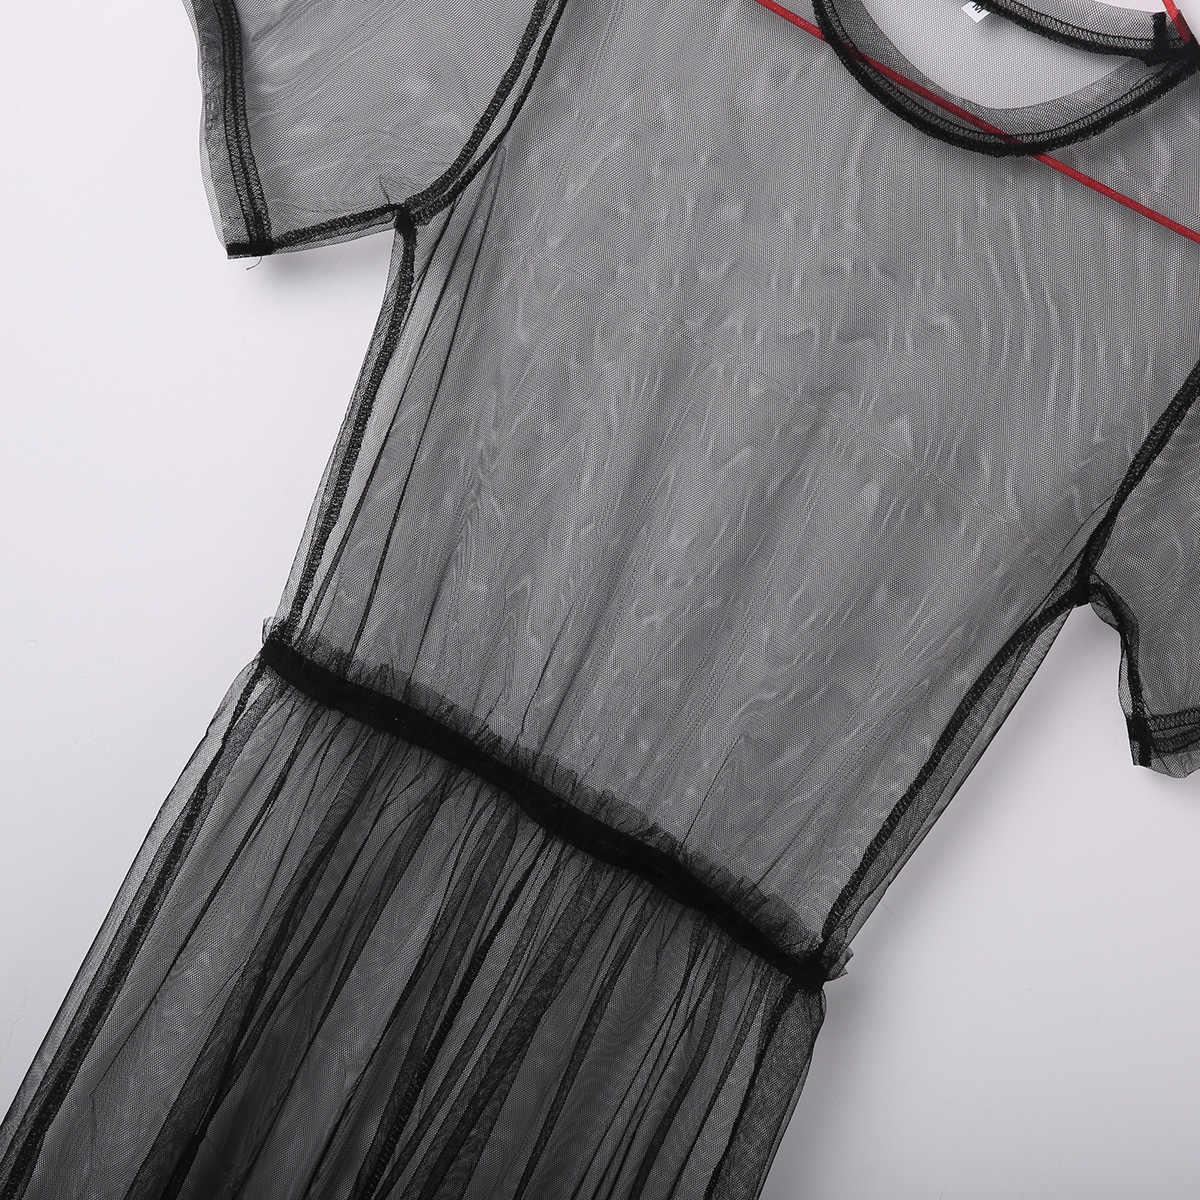 2019 נשים סקסי מוצק שחור רשת דייגים רחצה שחייה ביקיני כיסוי עד פגז צעיף צעיפי רשת בגדי ים בגד ים שמלת וחוף